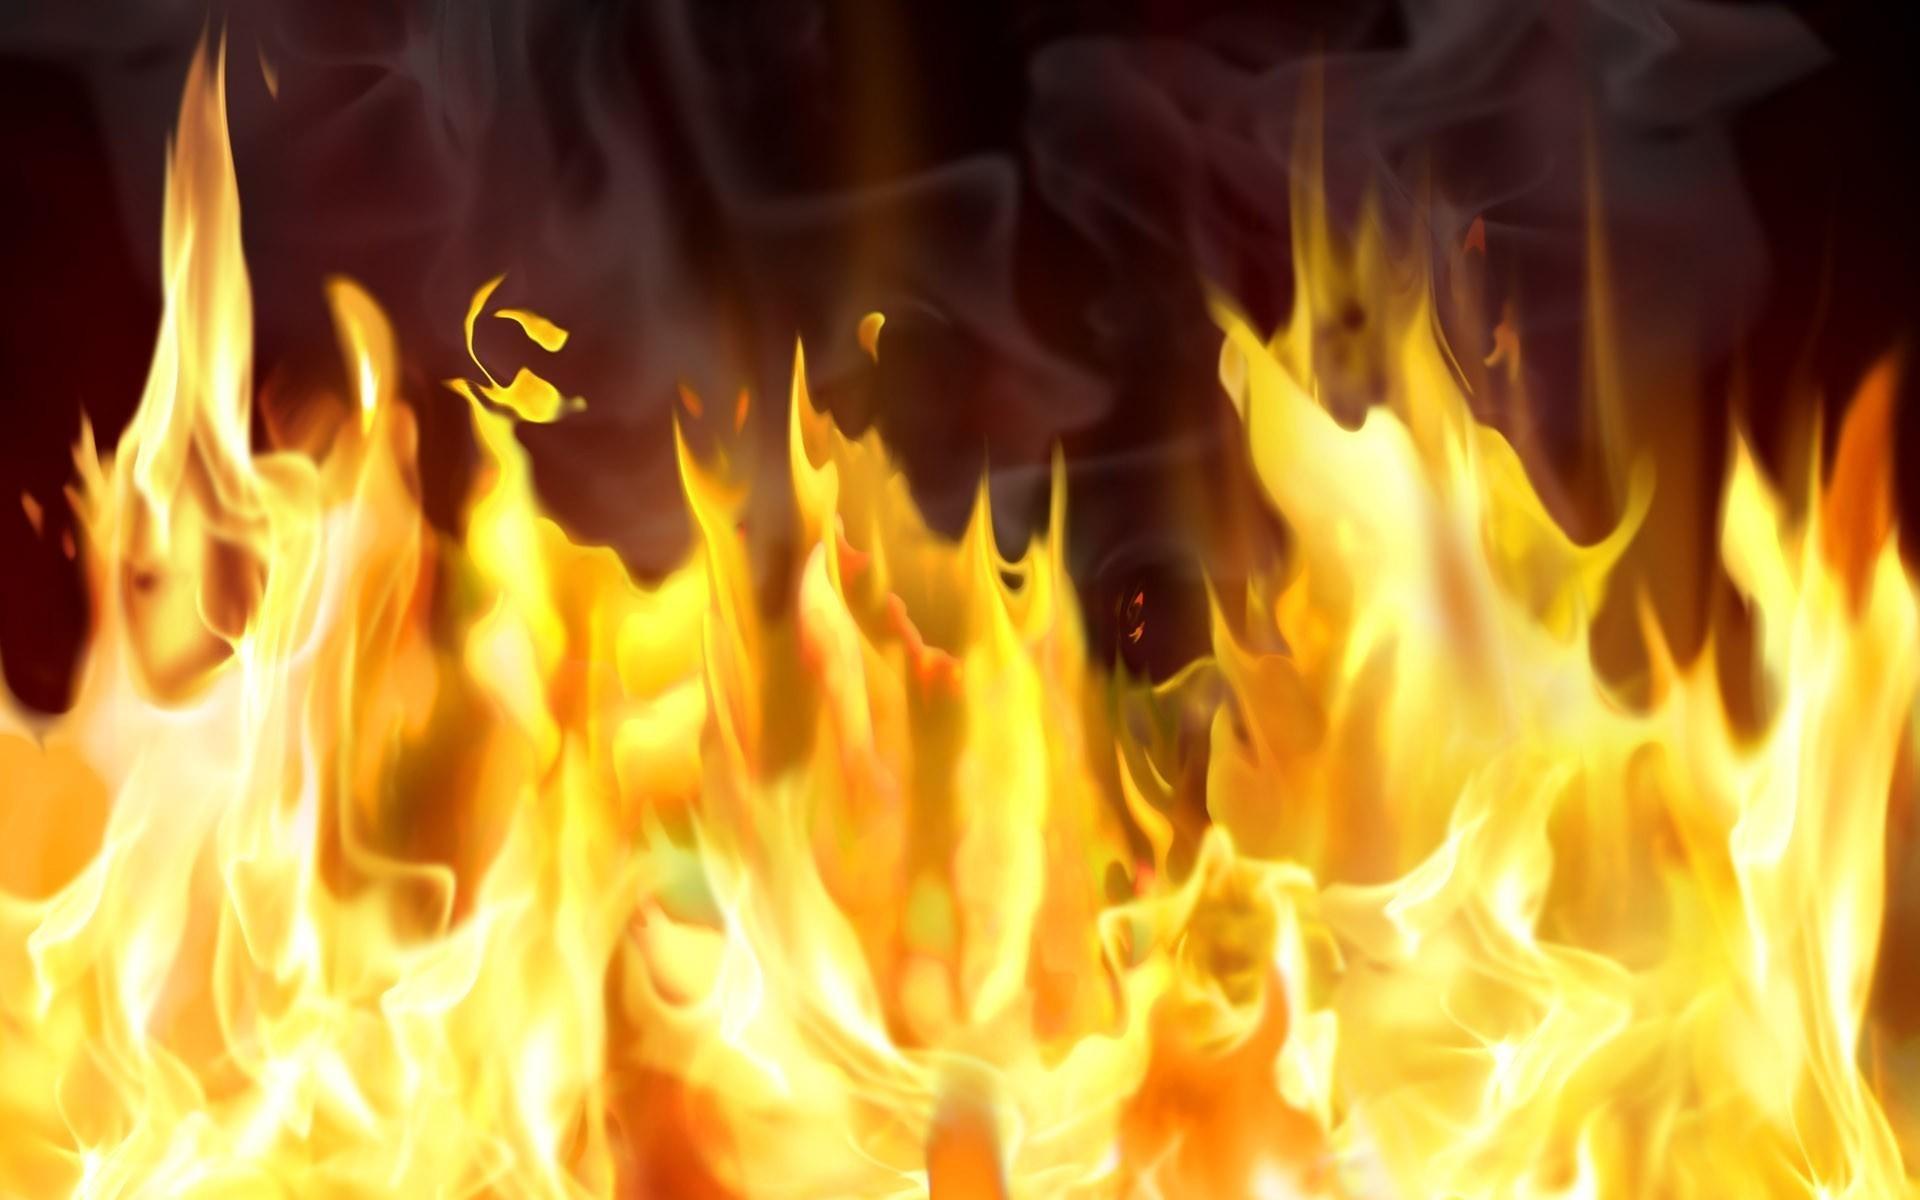 Из-за пожара после падения частей запущенной сБайконура ракеты умер человек